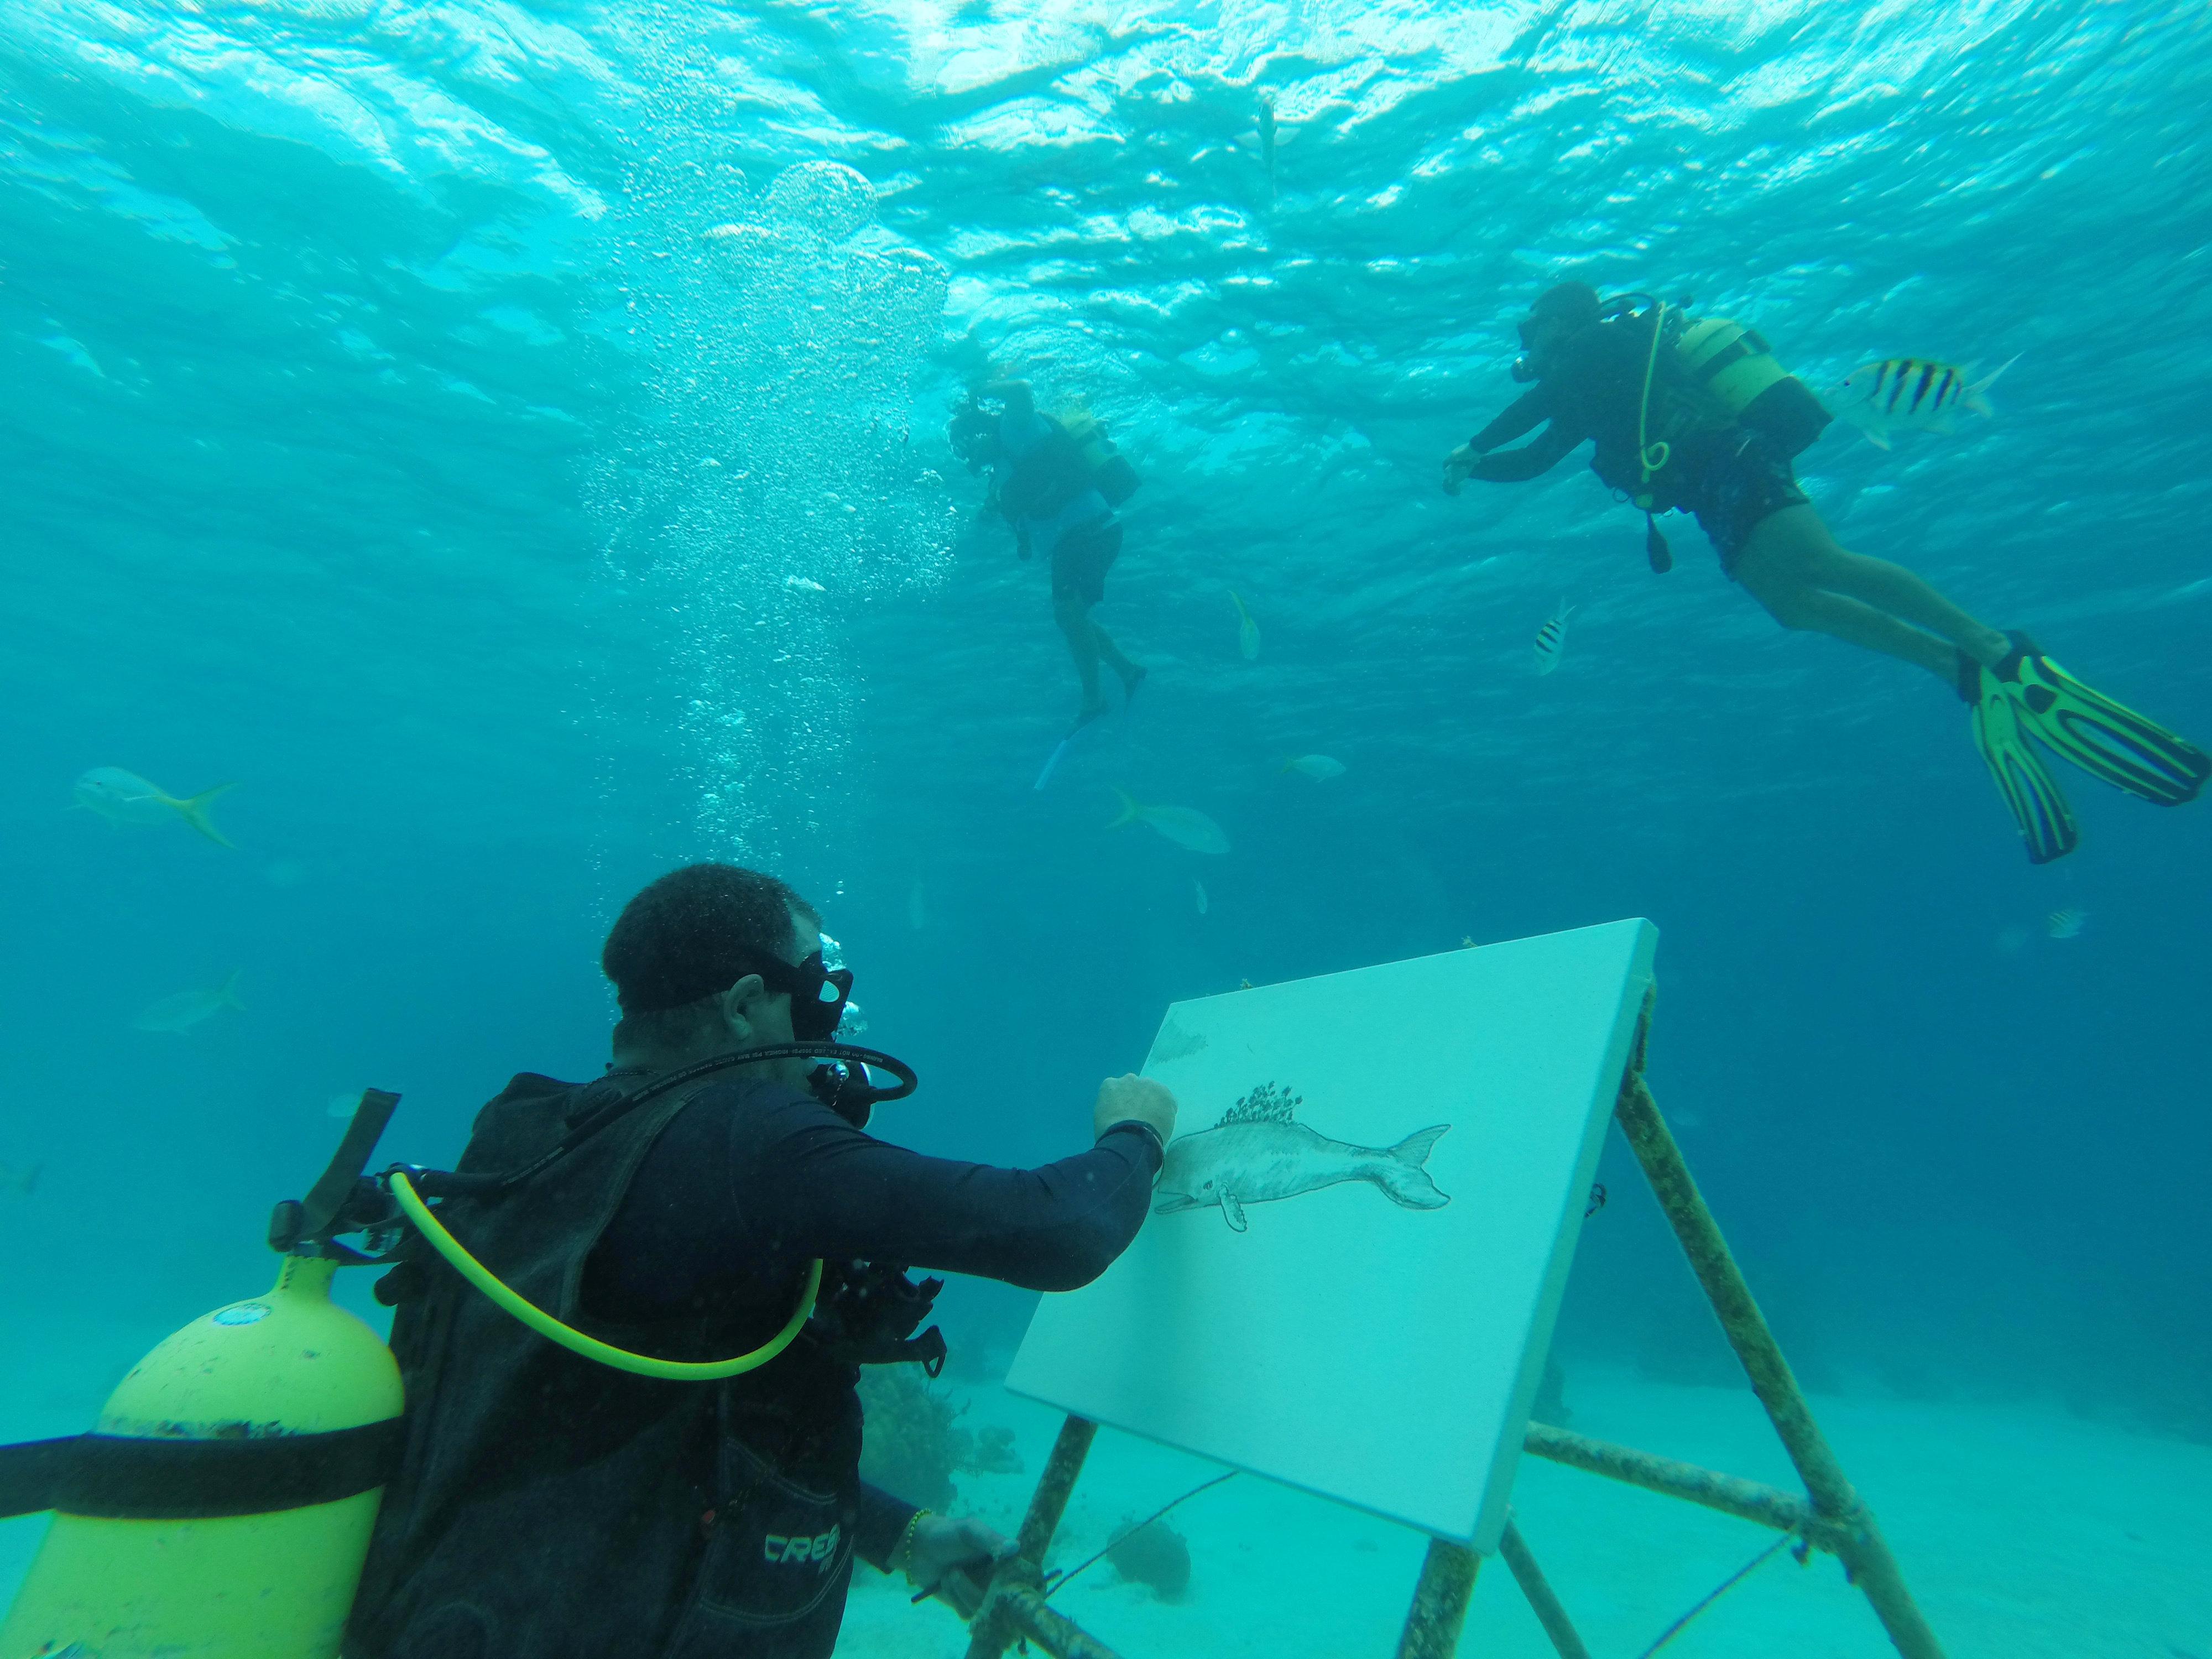 لفنان الكوبي ساندور غونزاليس يتحدث إلى وسائل الإعلام بعد رسمه تحت الماء في بونتا بيرديز